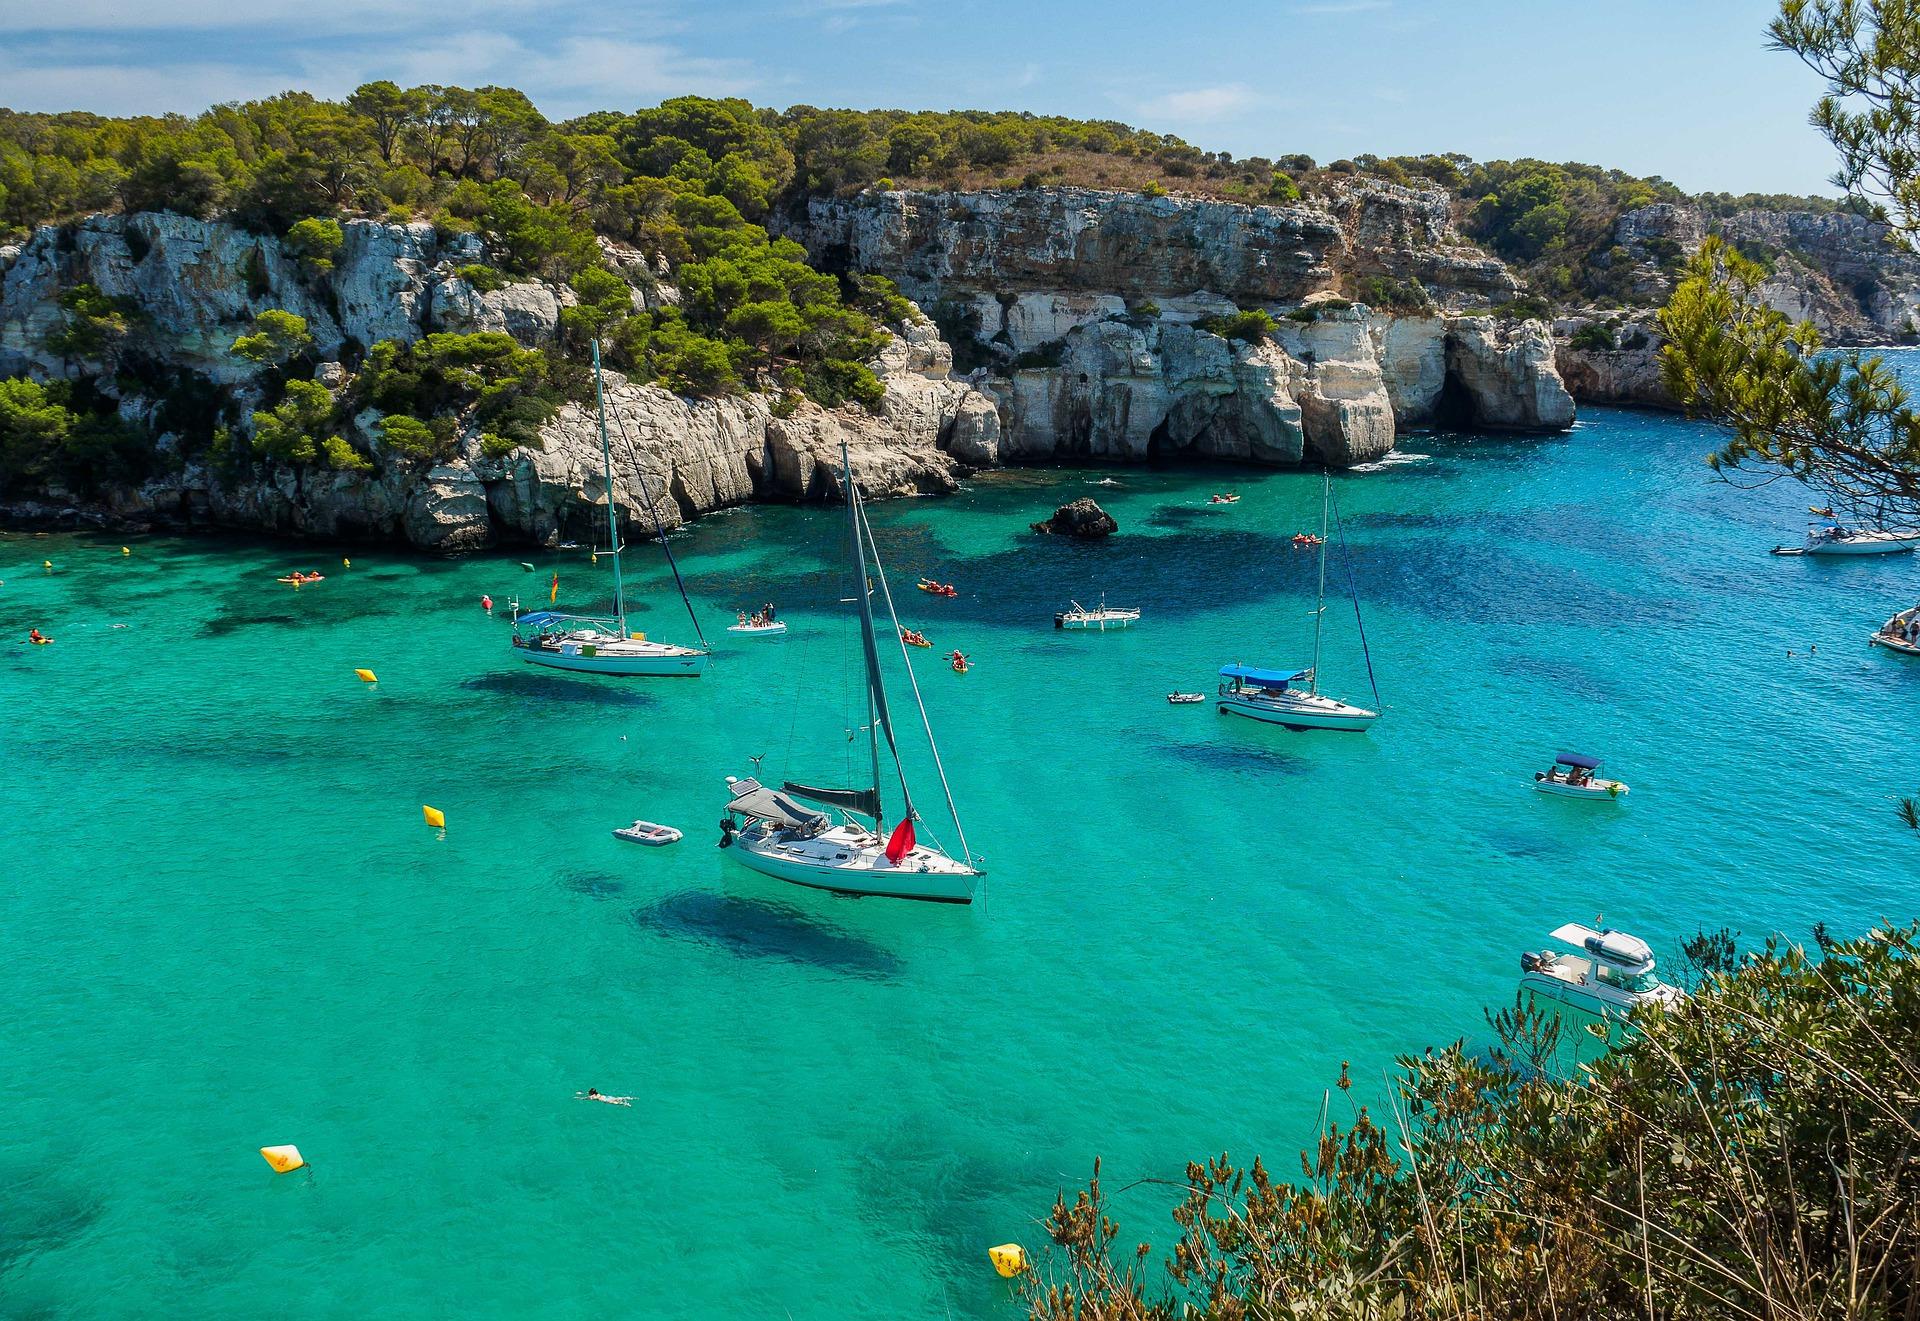 Pauschalreisen Balearen - Unsere Travelhouse Koffer lieben Urlaub.